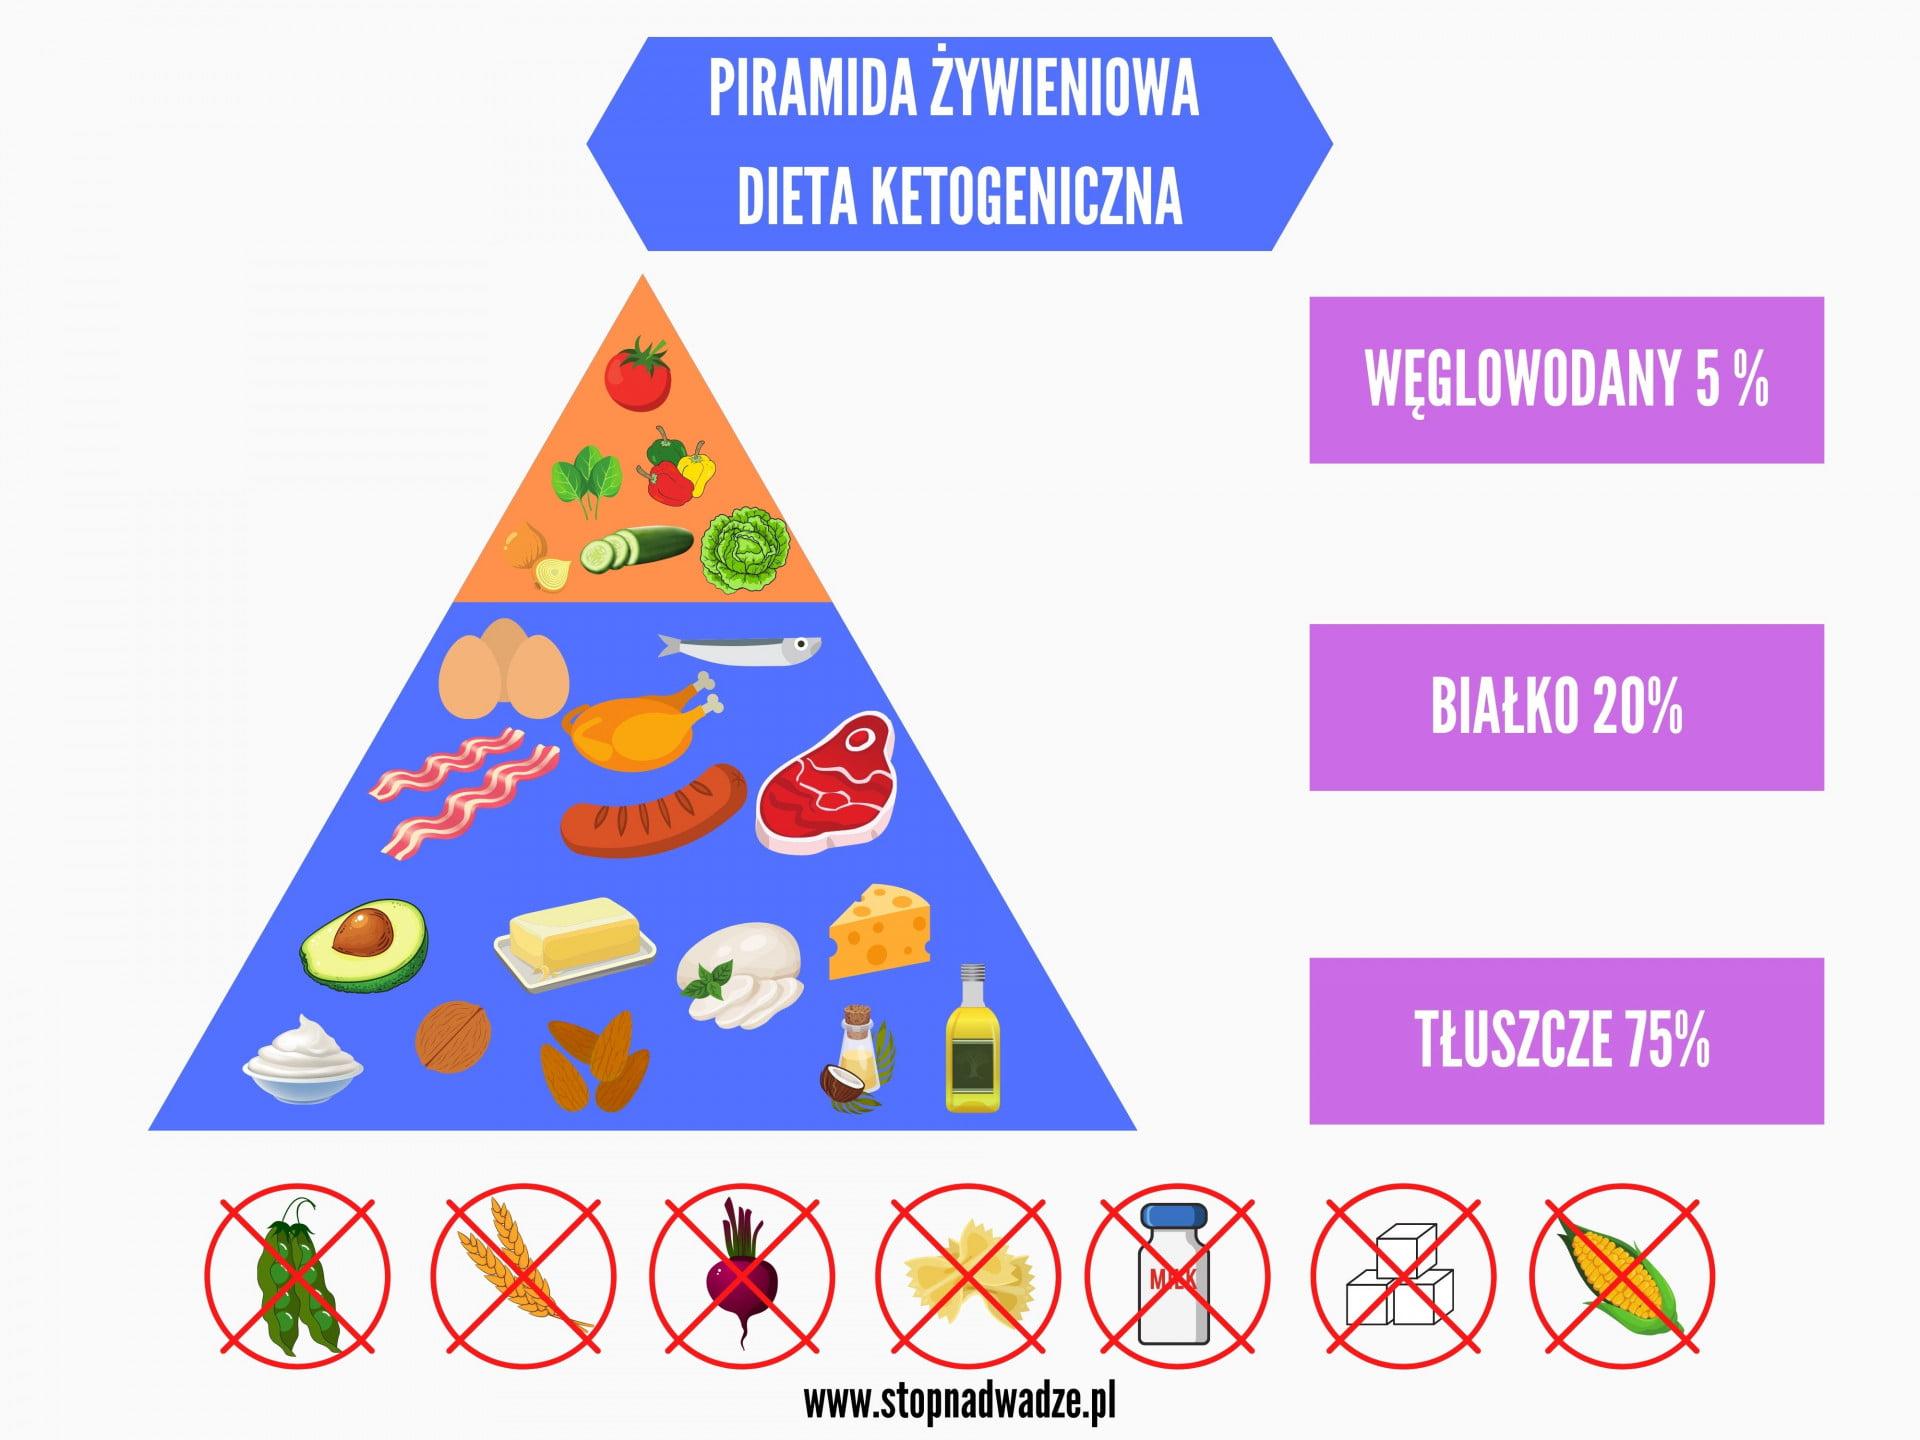 Infografika przedstawiająca piramidę żywieniową w trakcie diety ketogenicznej.